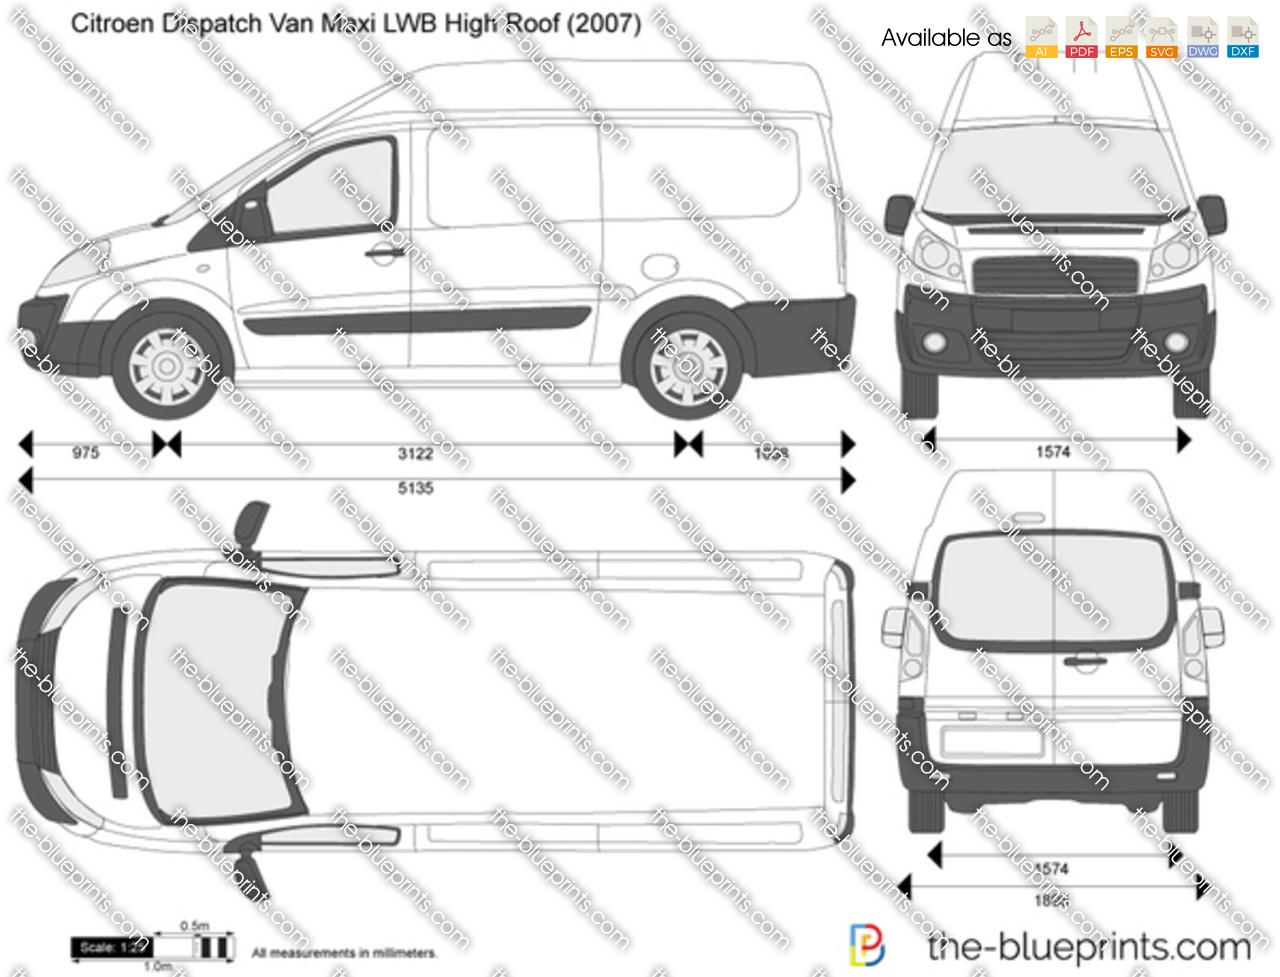 Citroen Dispatch Van Maxi LWB High Roof